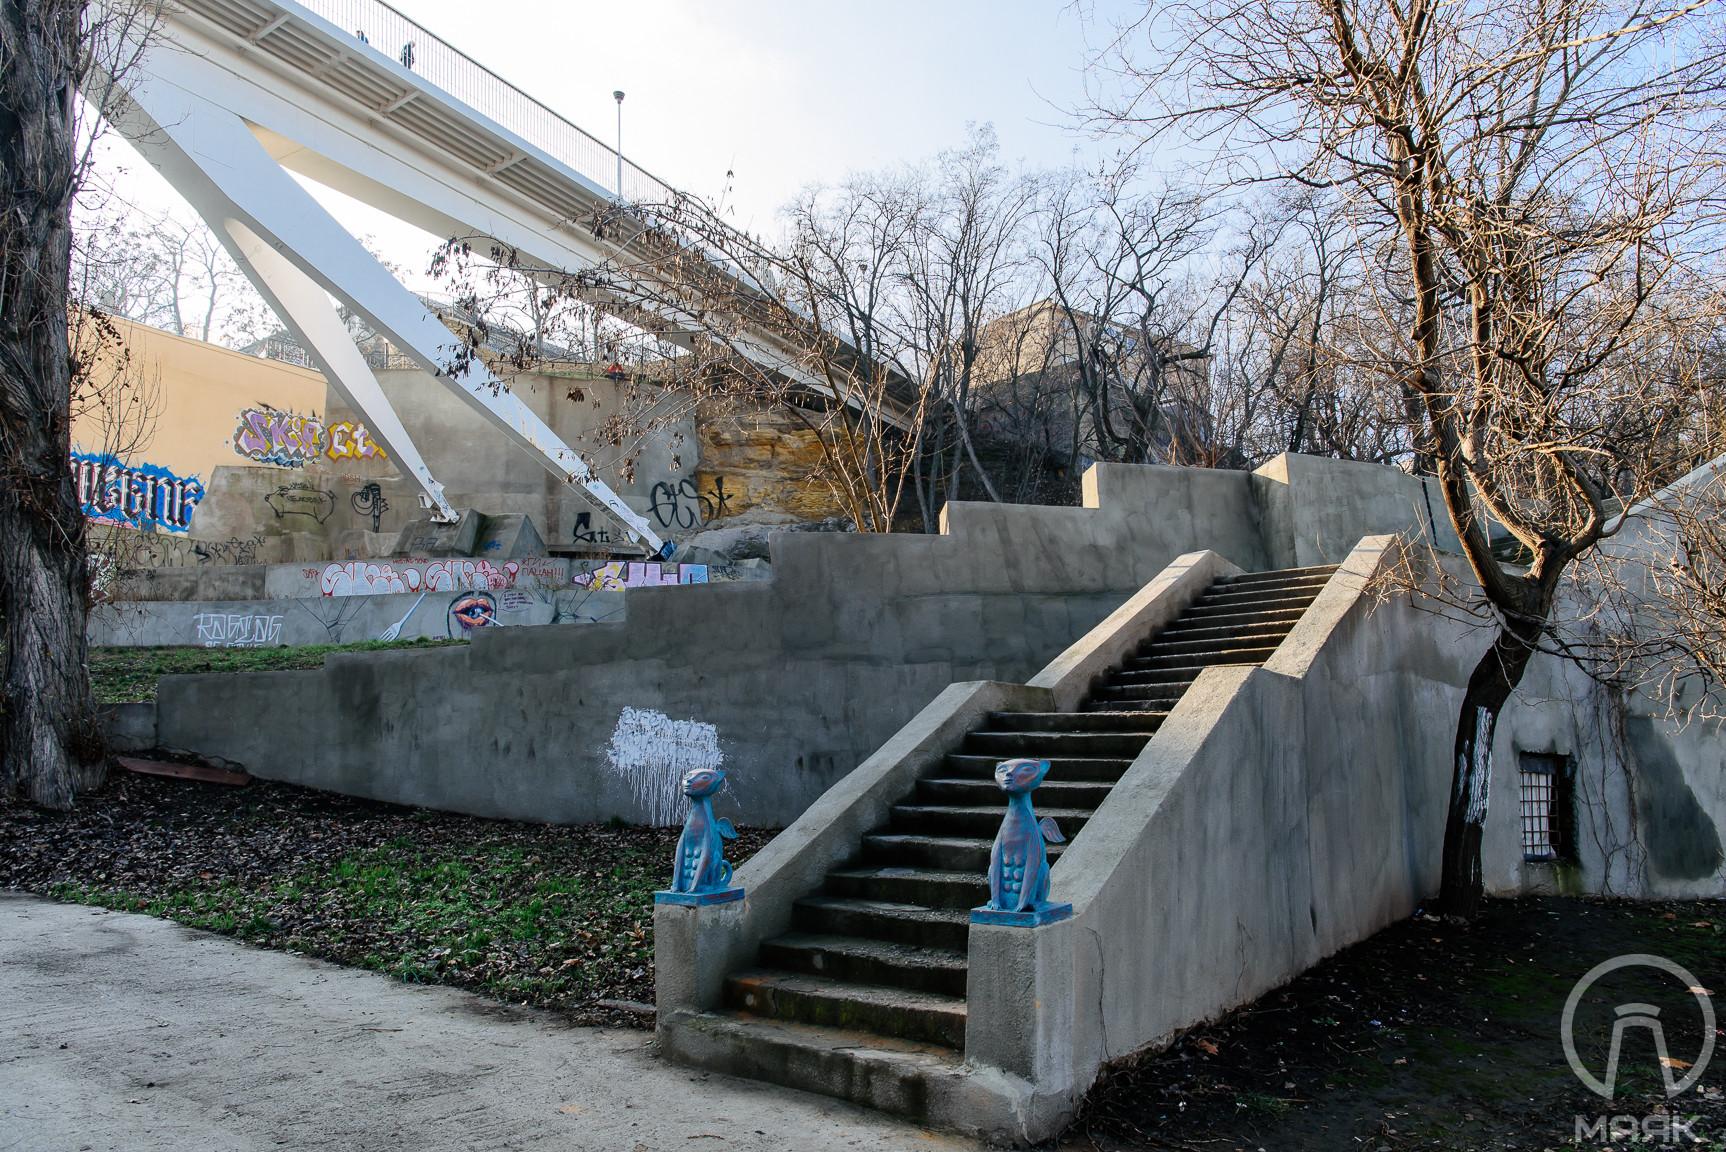 Урбанисты и архитекторы работают над созданием нового парка под Тещиным мостом, им нужна помощь горожан